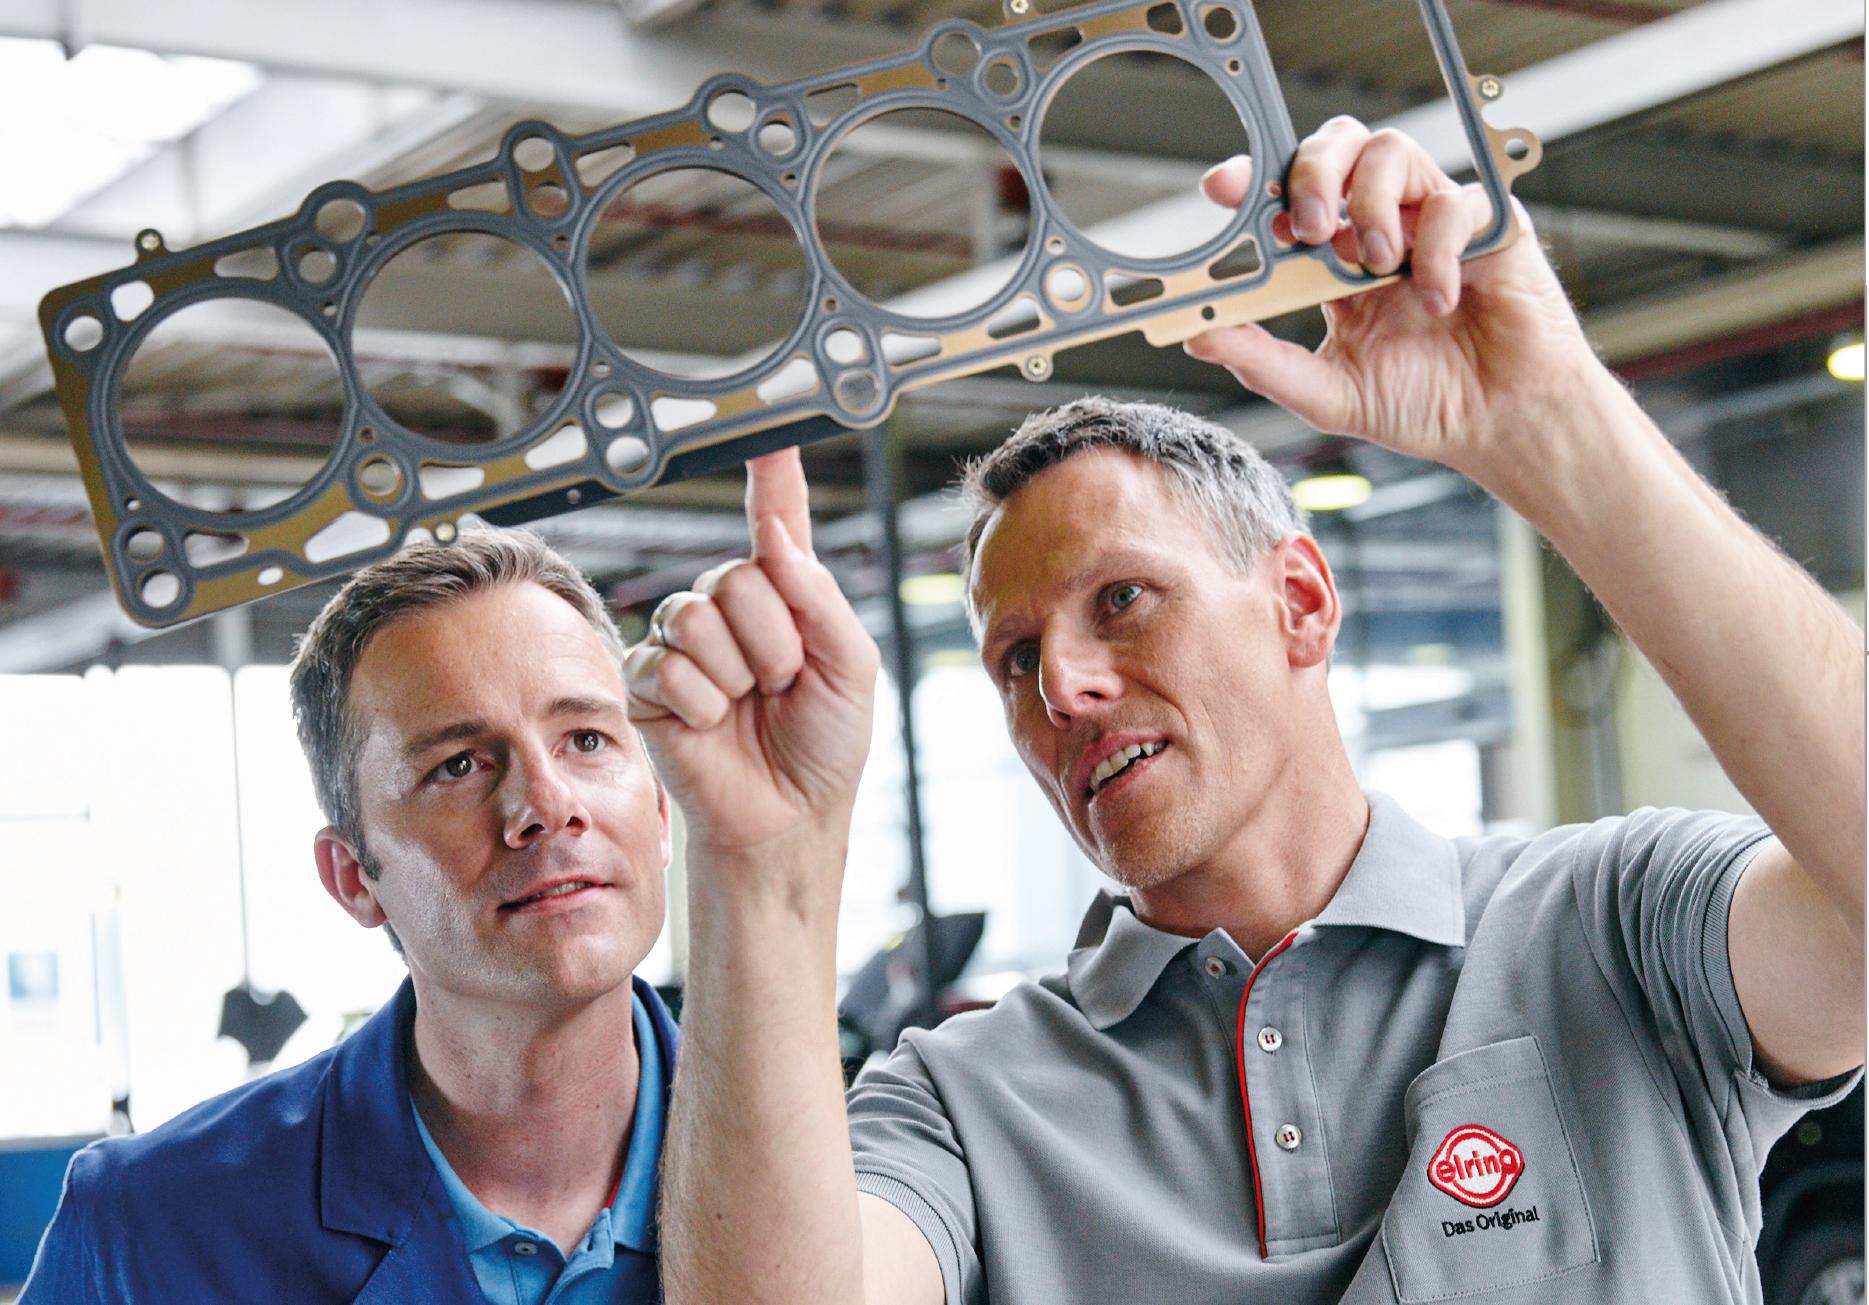 Portfólio Elring oferece completa gama de produtos para vedação automotiva